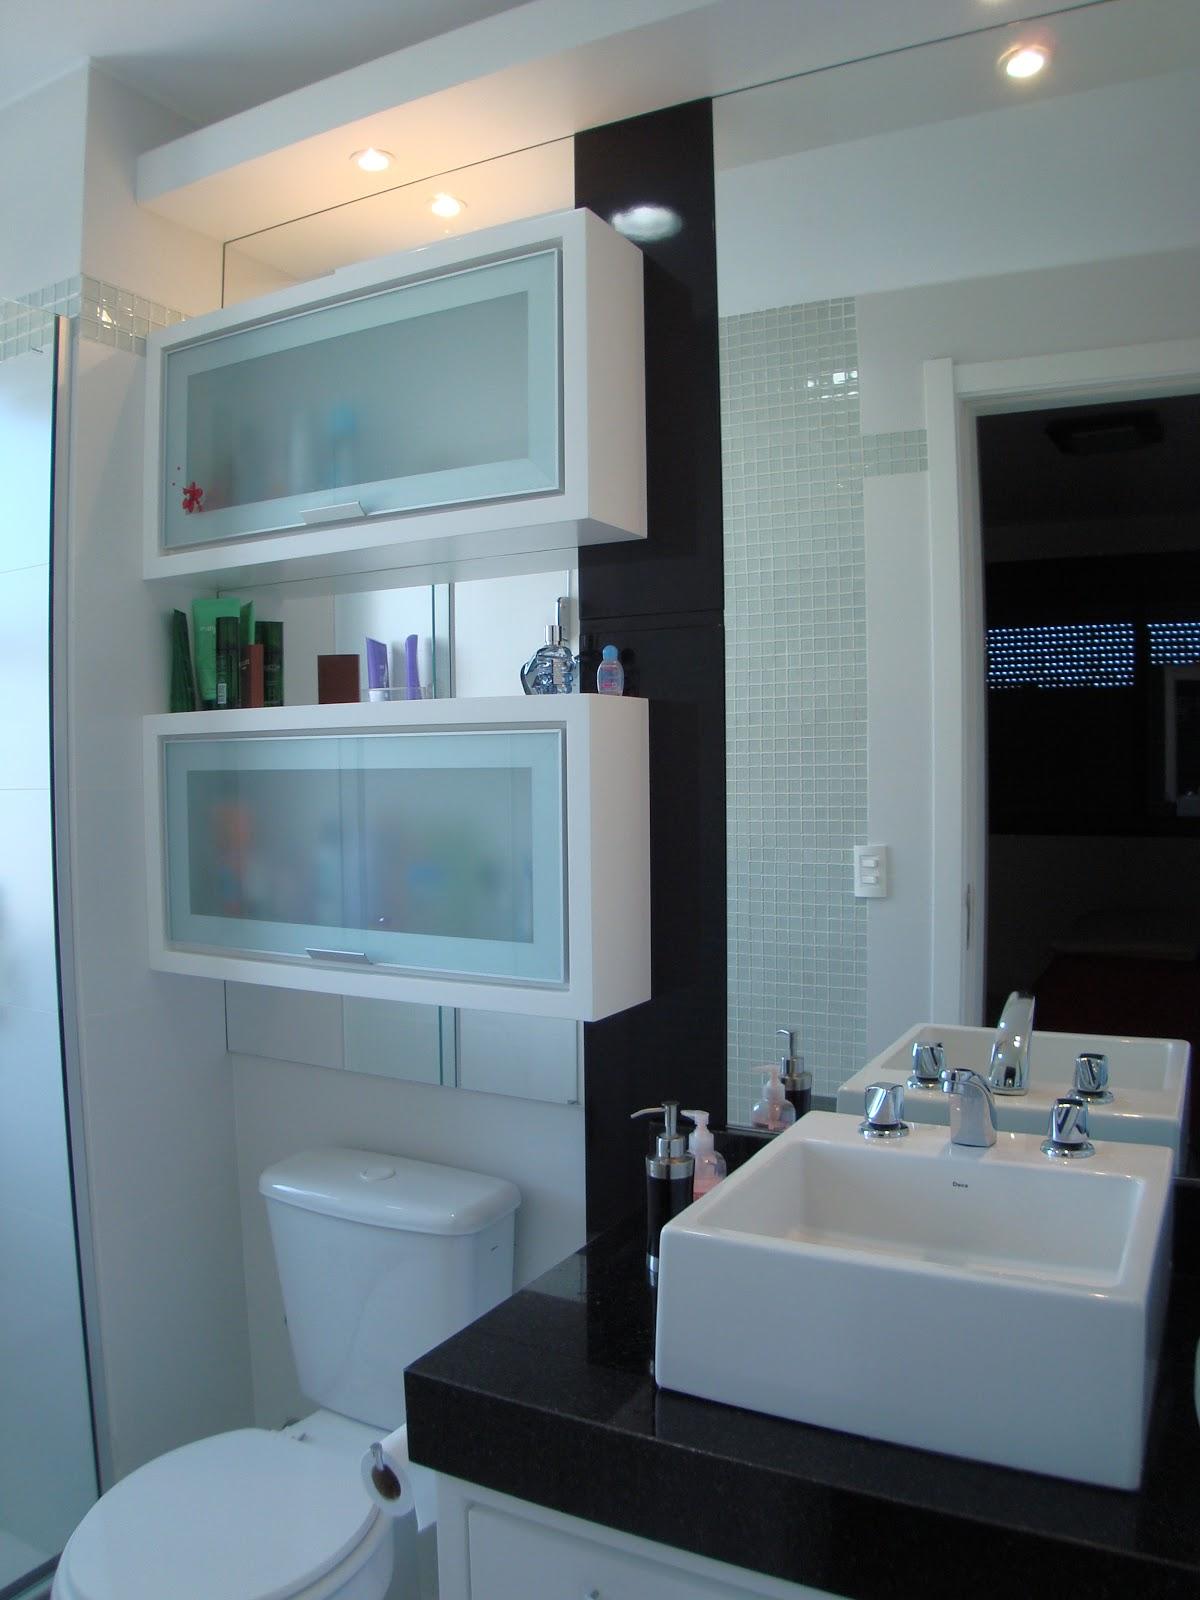 Andréa Pereira Interiores: Banheiros #826A49 1200x1600 Banheiro Casal Dois Vasos